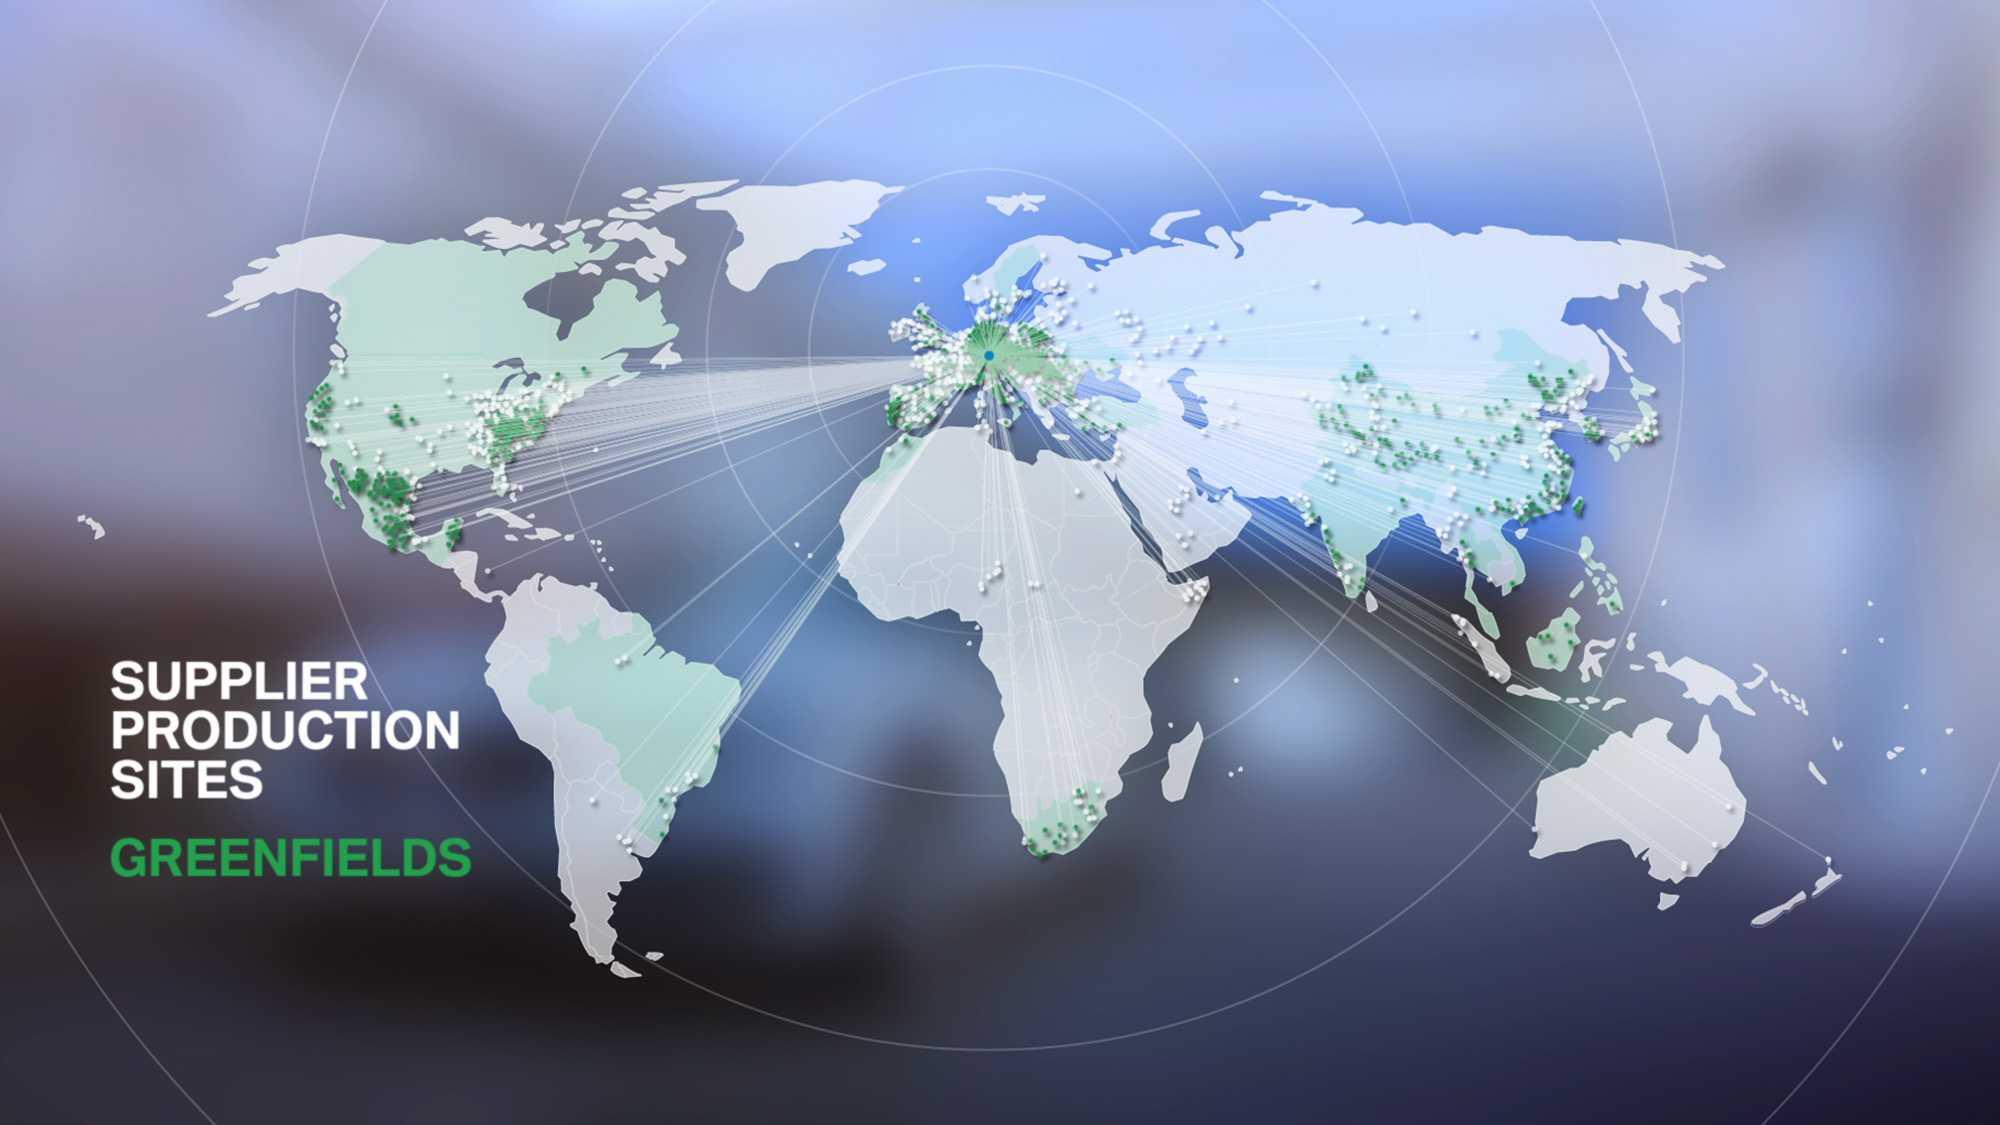 Das Bild zeigt einen grauen Hintergrund. Auf diesem Hintergrund liegt eine animierte Weltkarte. Diese ist in den Farben weiß und grün eingefärbt. Verschiedene Länder sind miteinander wie durch einen Faden verknüpft. Das Bild dient als Sliderbild für den Portfolioeintrag BMW QMT von Panda Pictures.